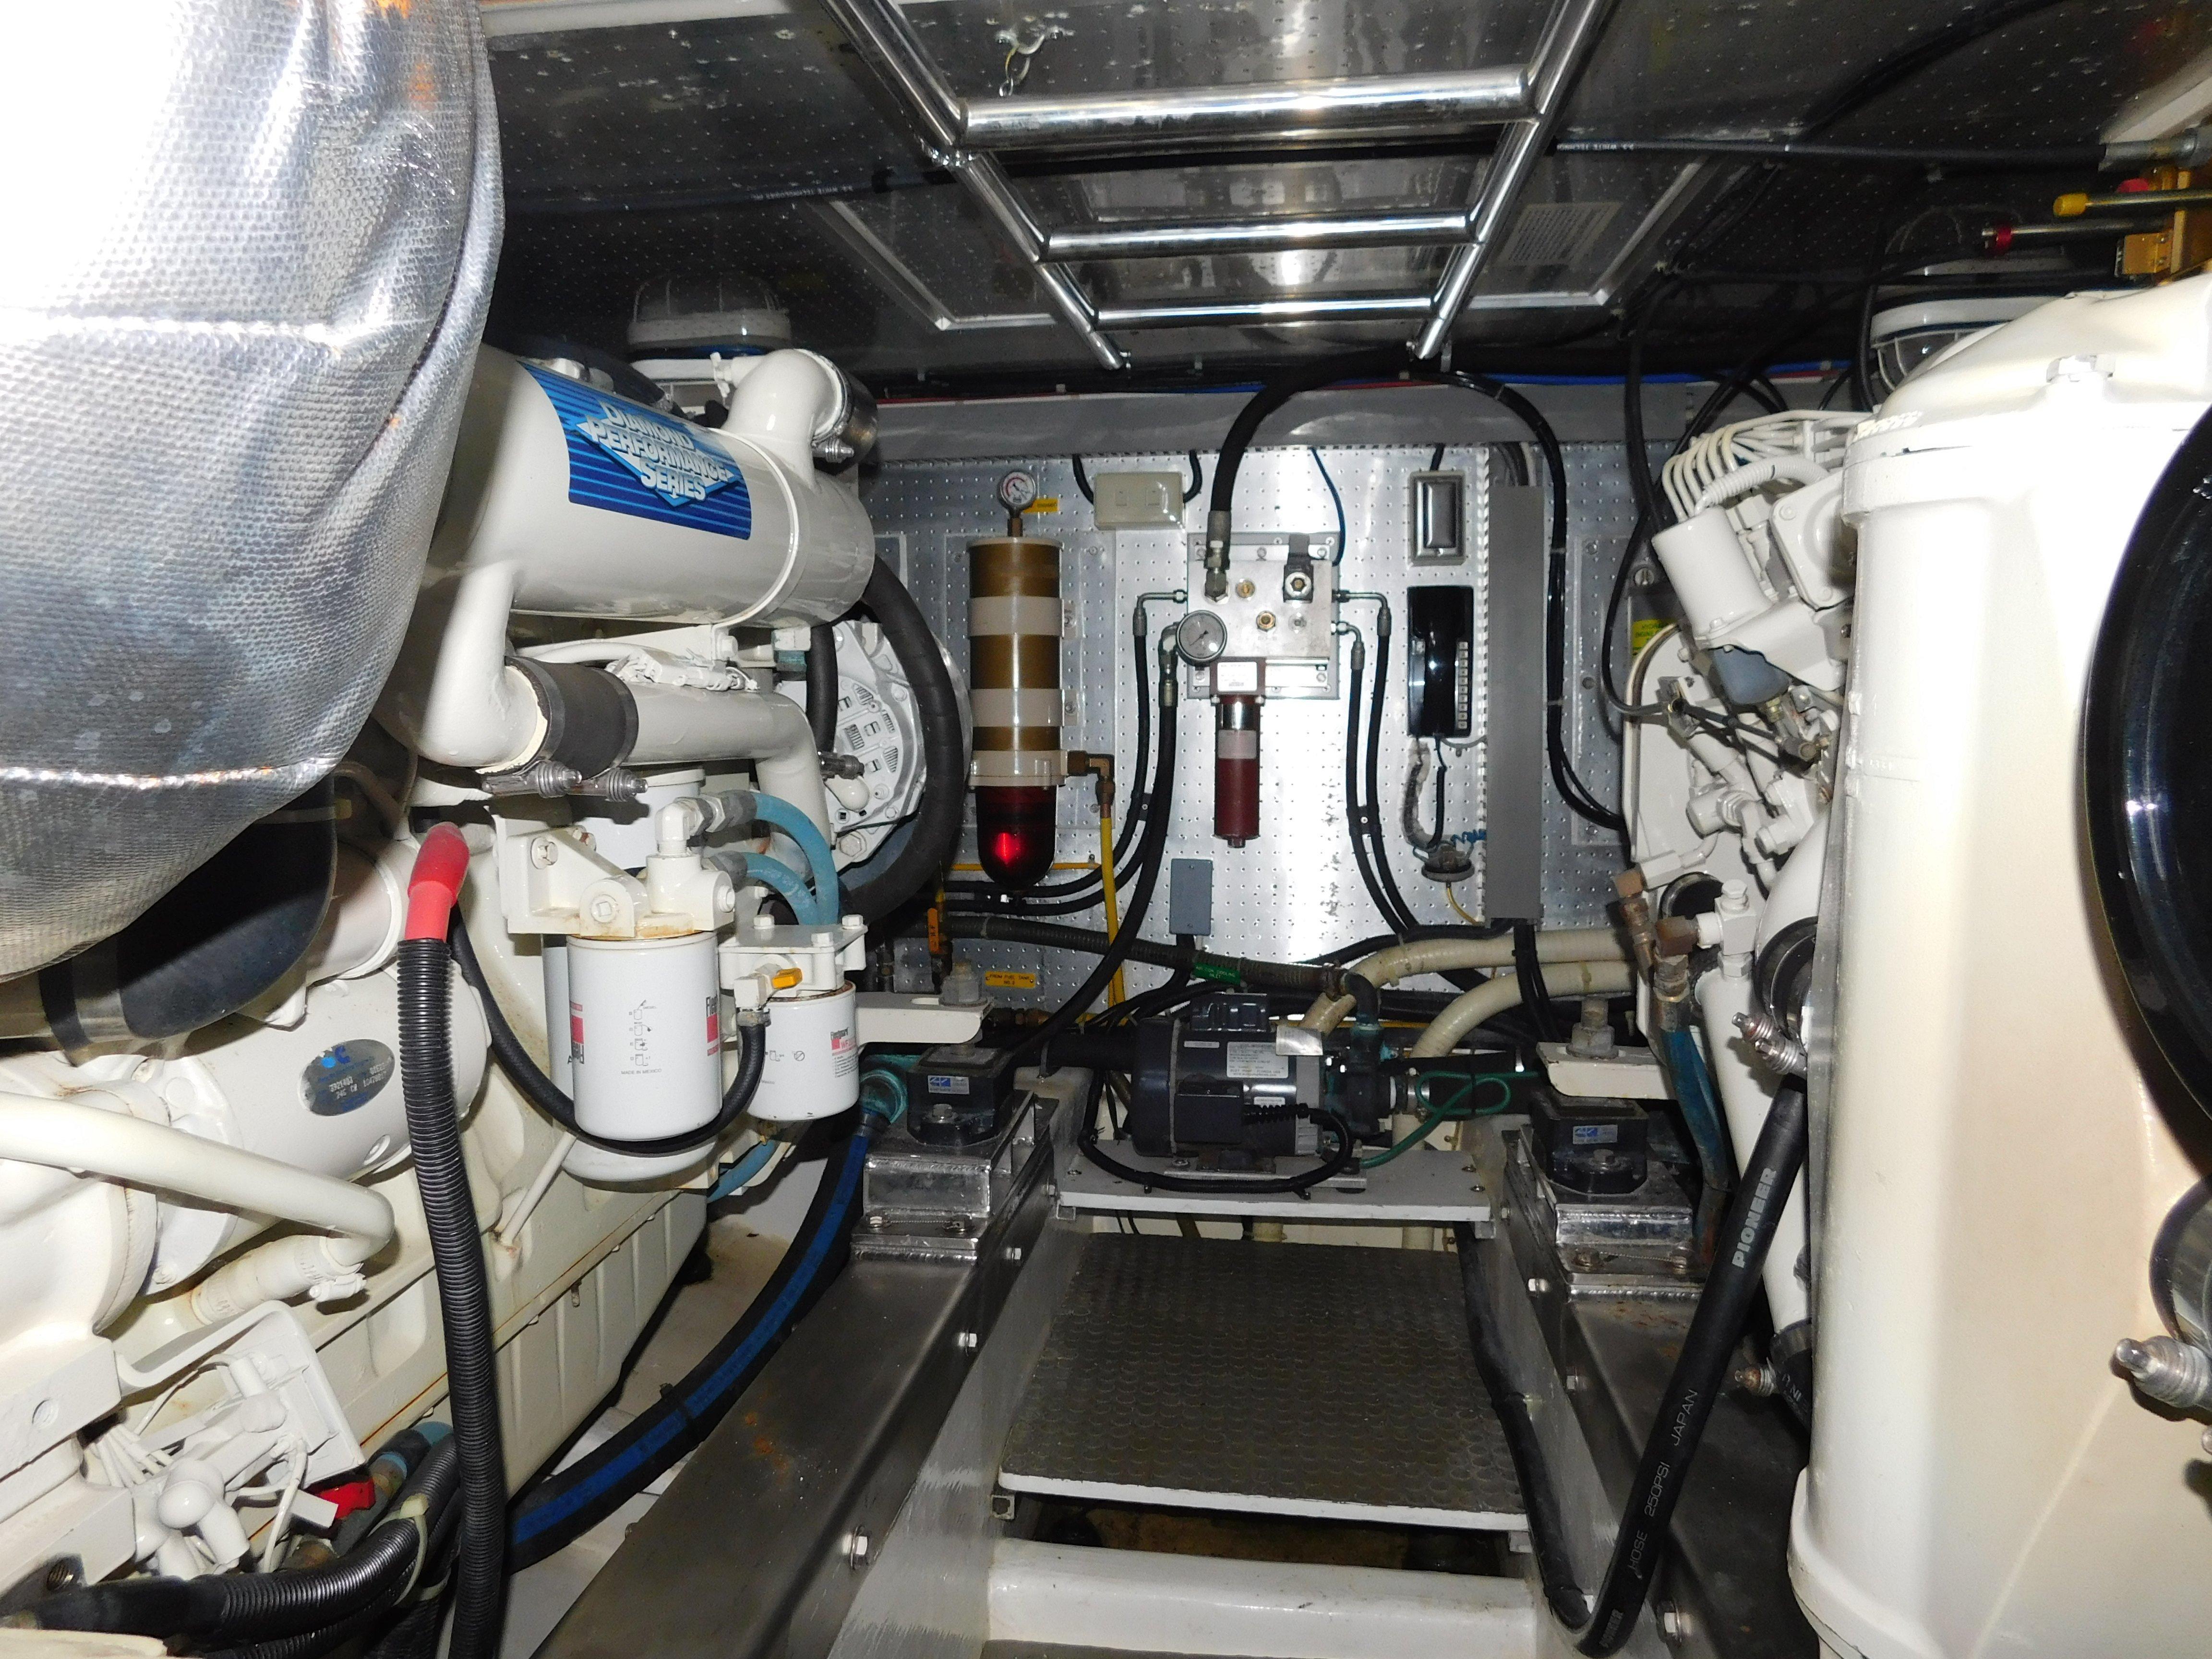 Clean engine room